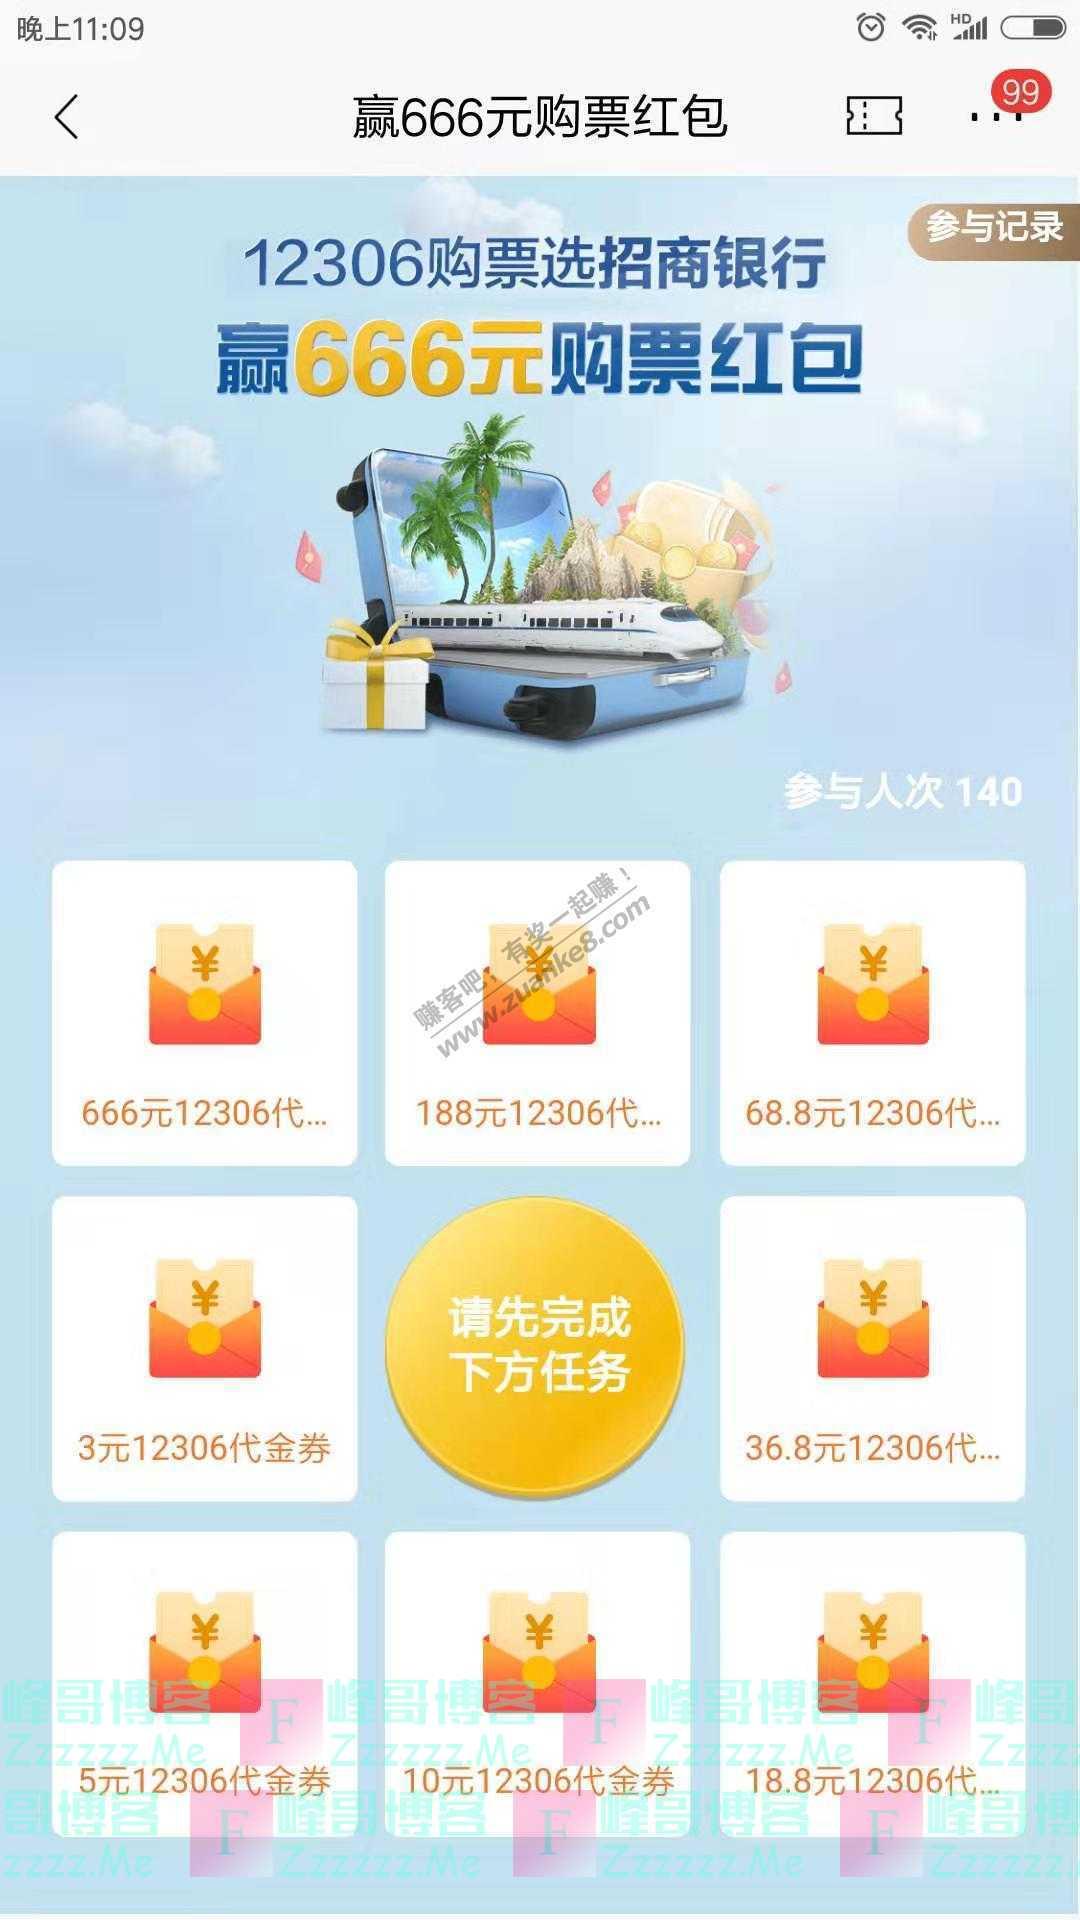 招商银行app赢666元购物红包(截止12月31日)